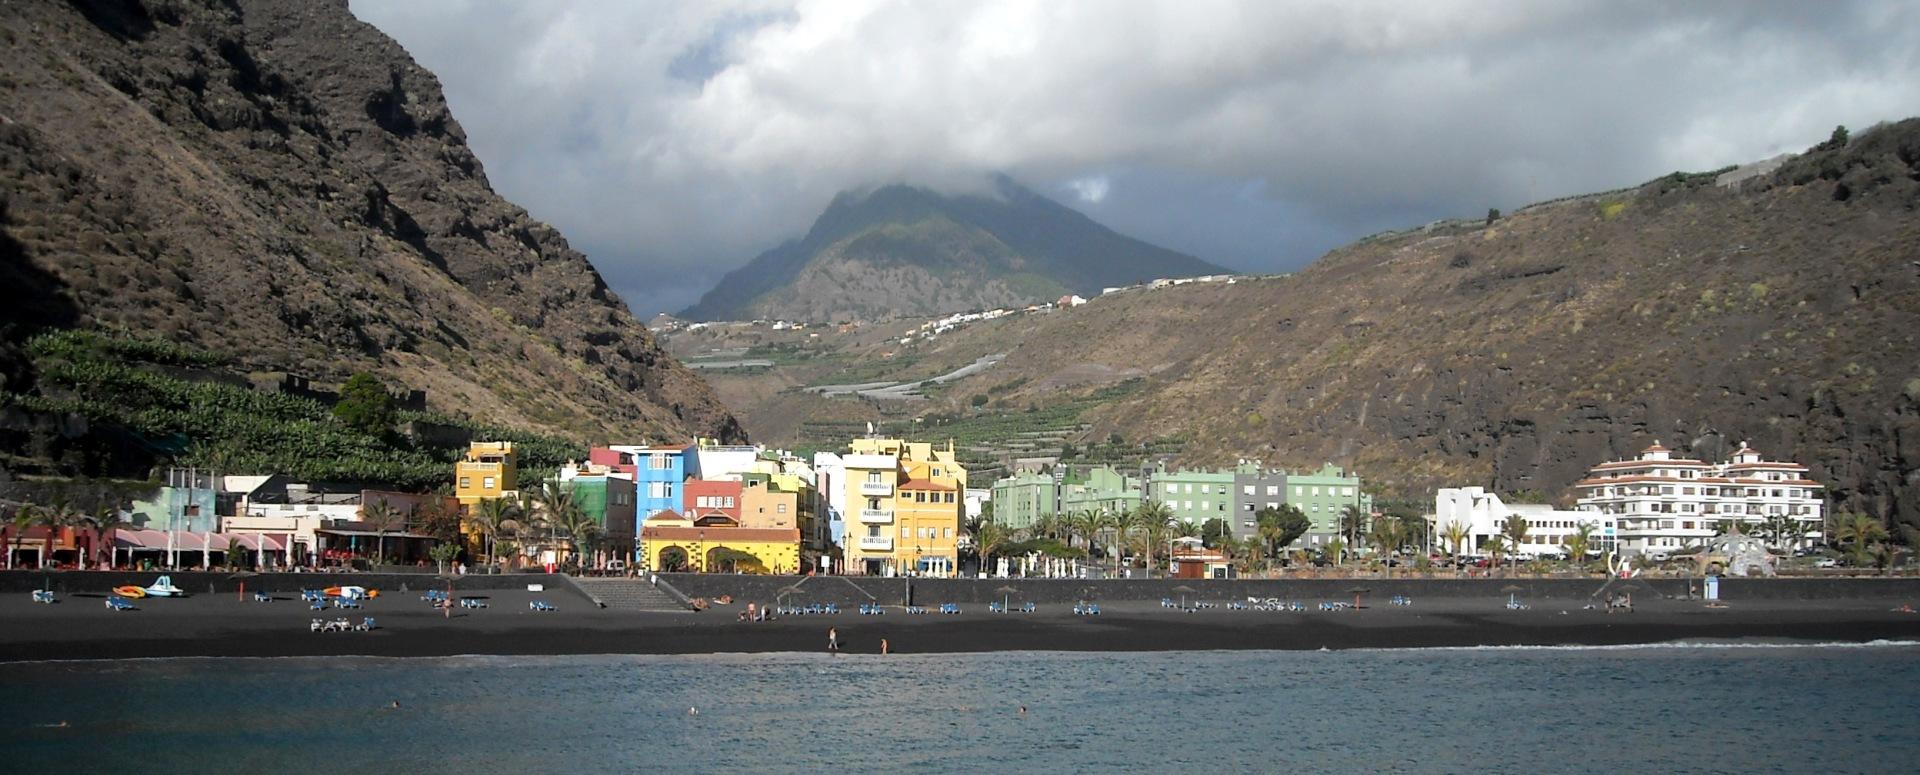 Tazacorte La Palma